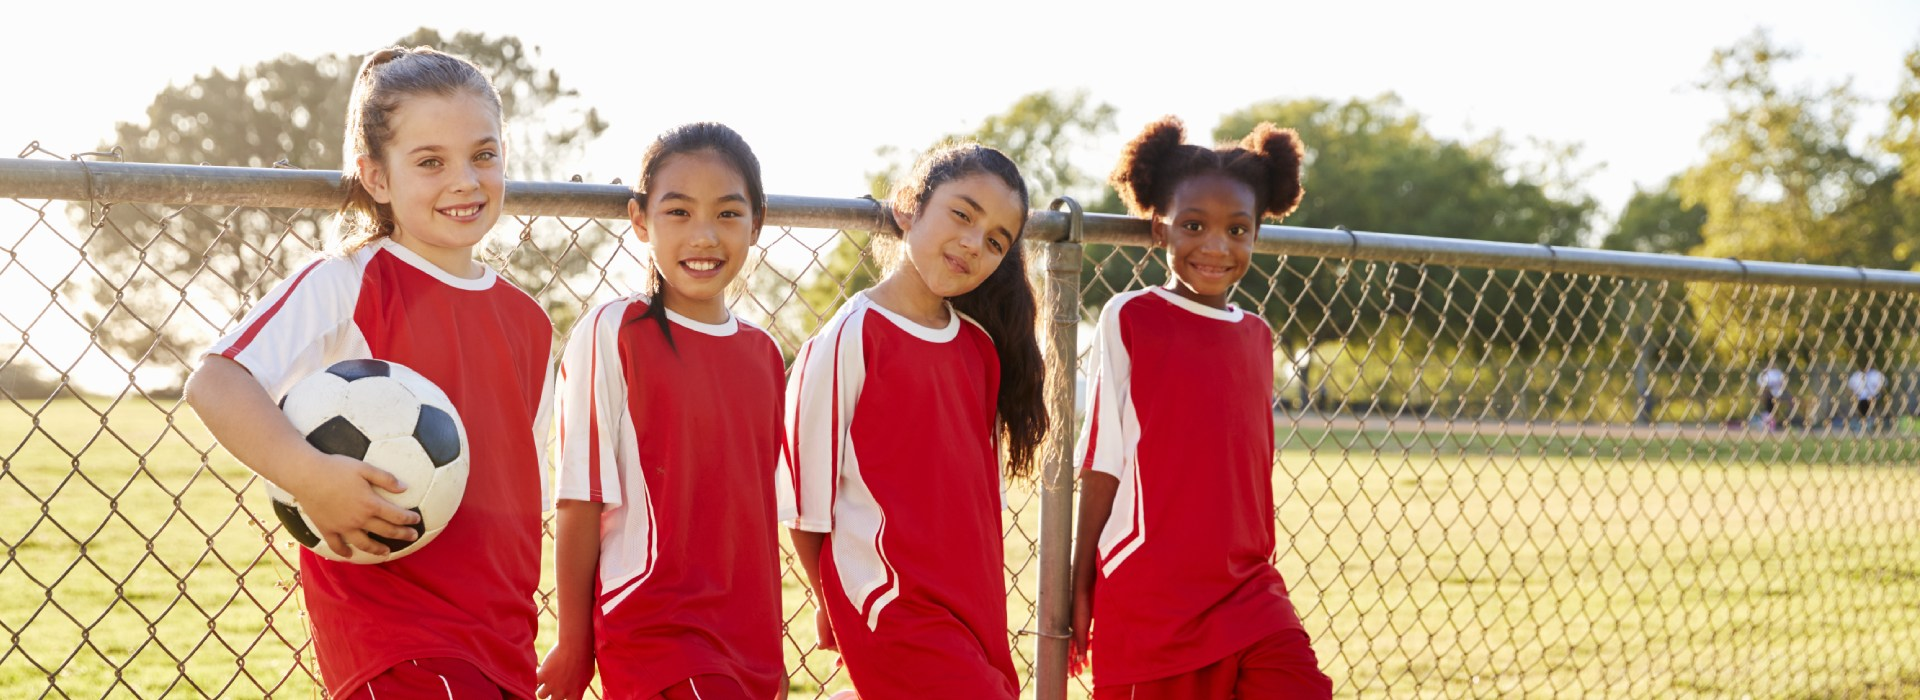 calcio femminile roma calcio a 5